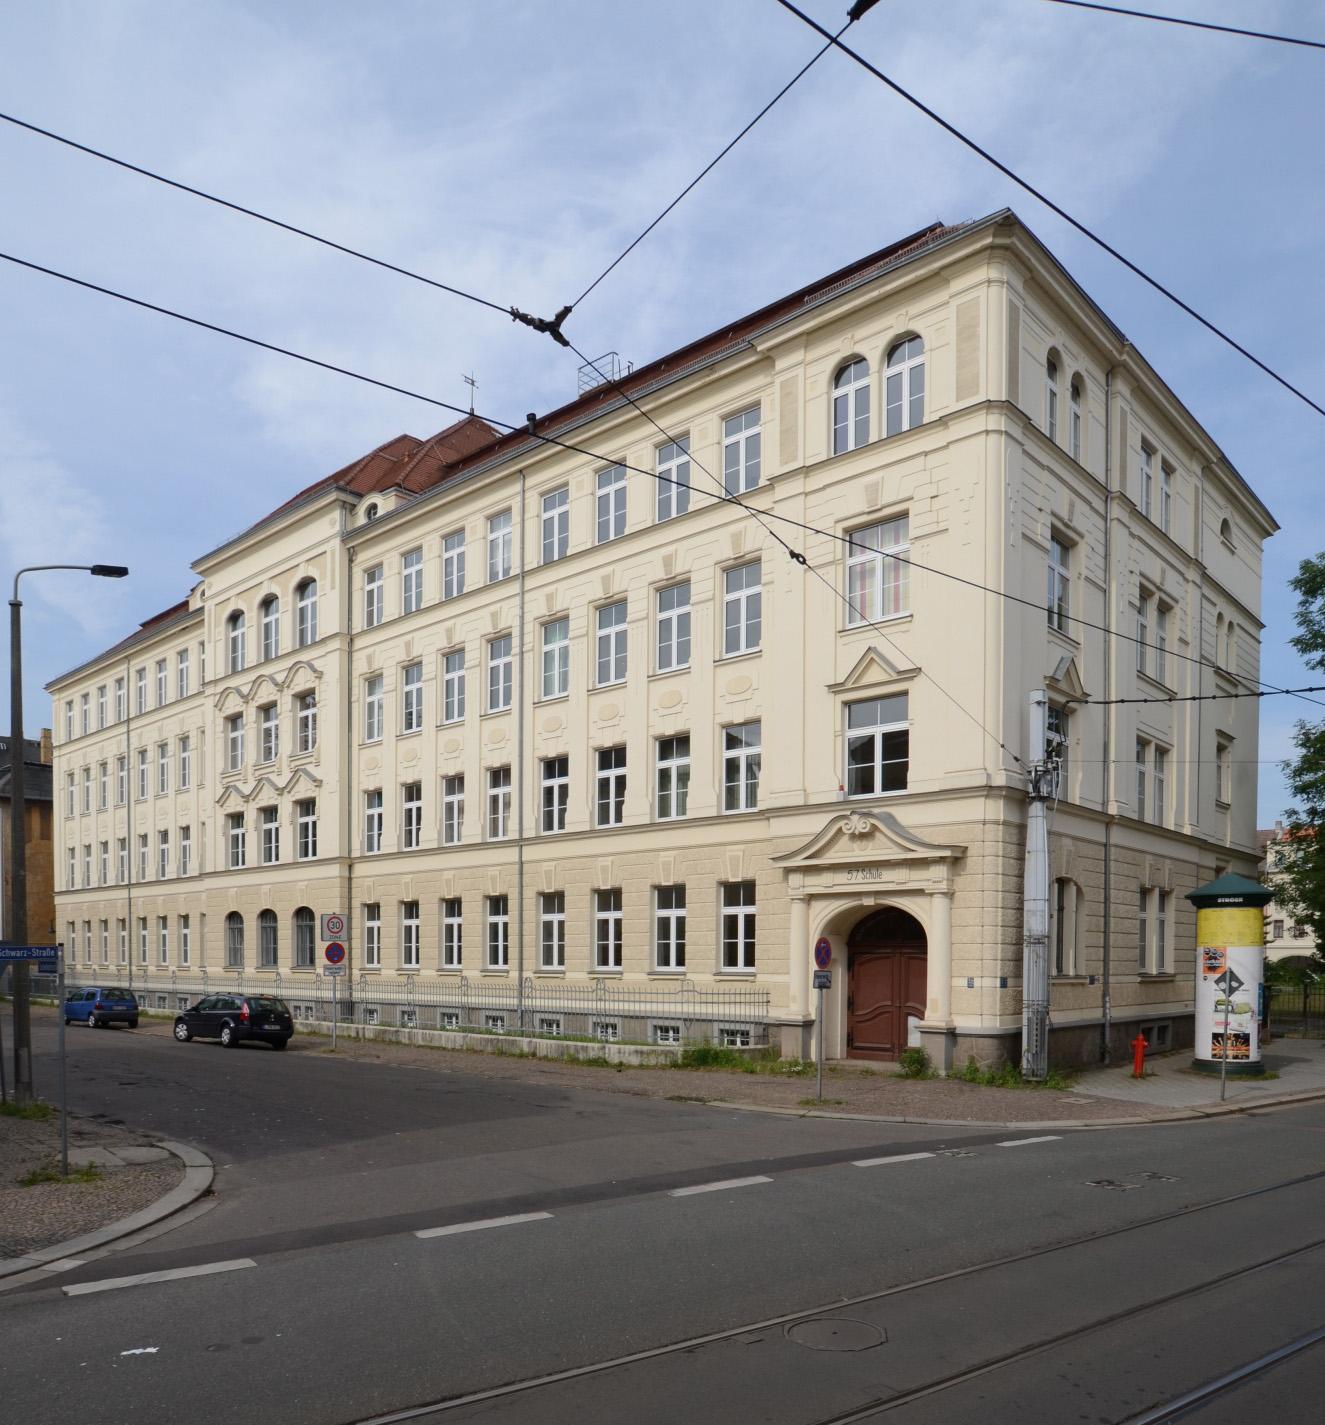 Www.Schule-Georg-Schwarz-Strasse.De